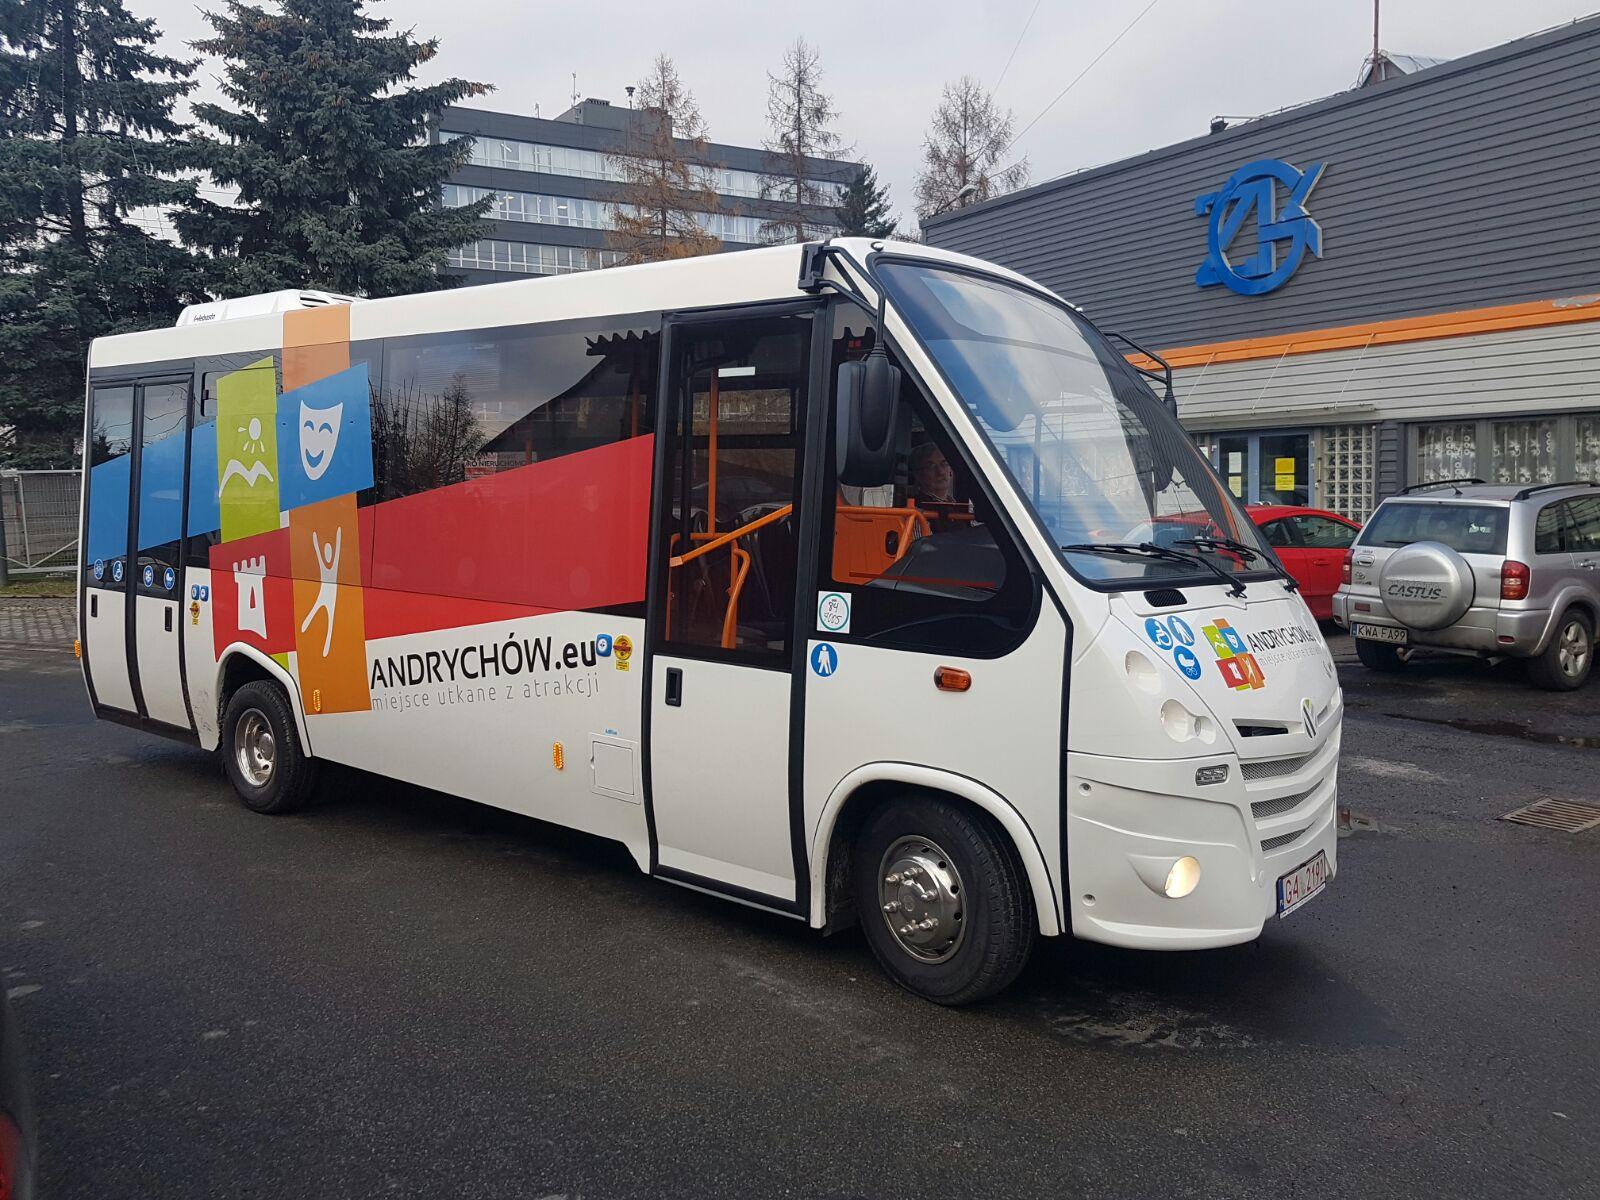 Firmy ze Świerklańca i Andrychowa będą wozić pasażerów od nowego roku. Rozkład jazdy